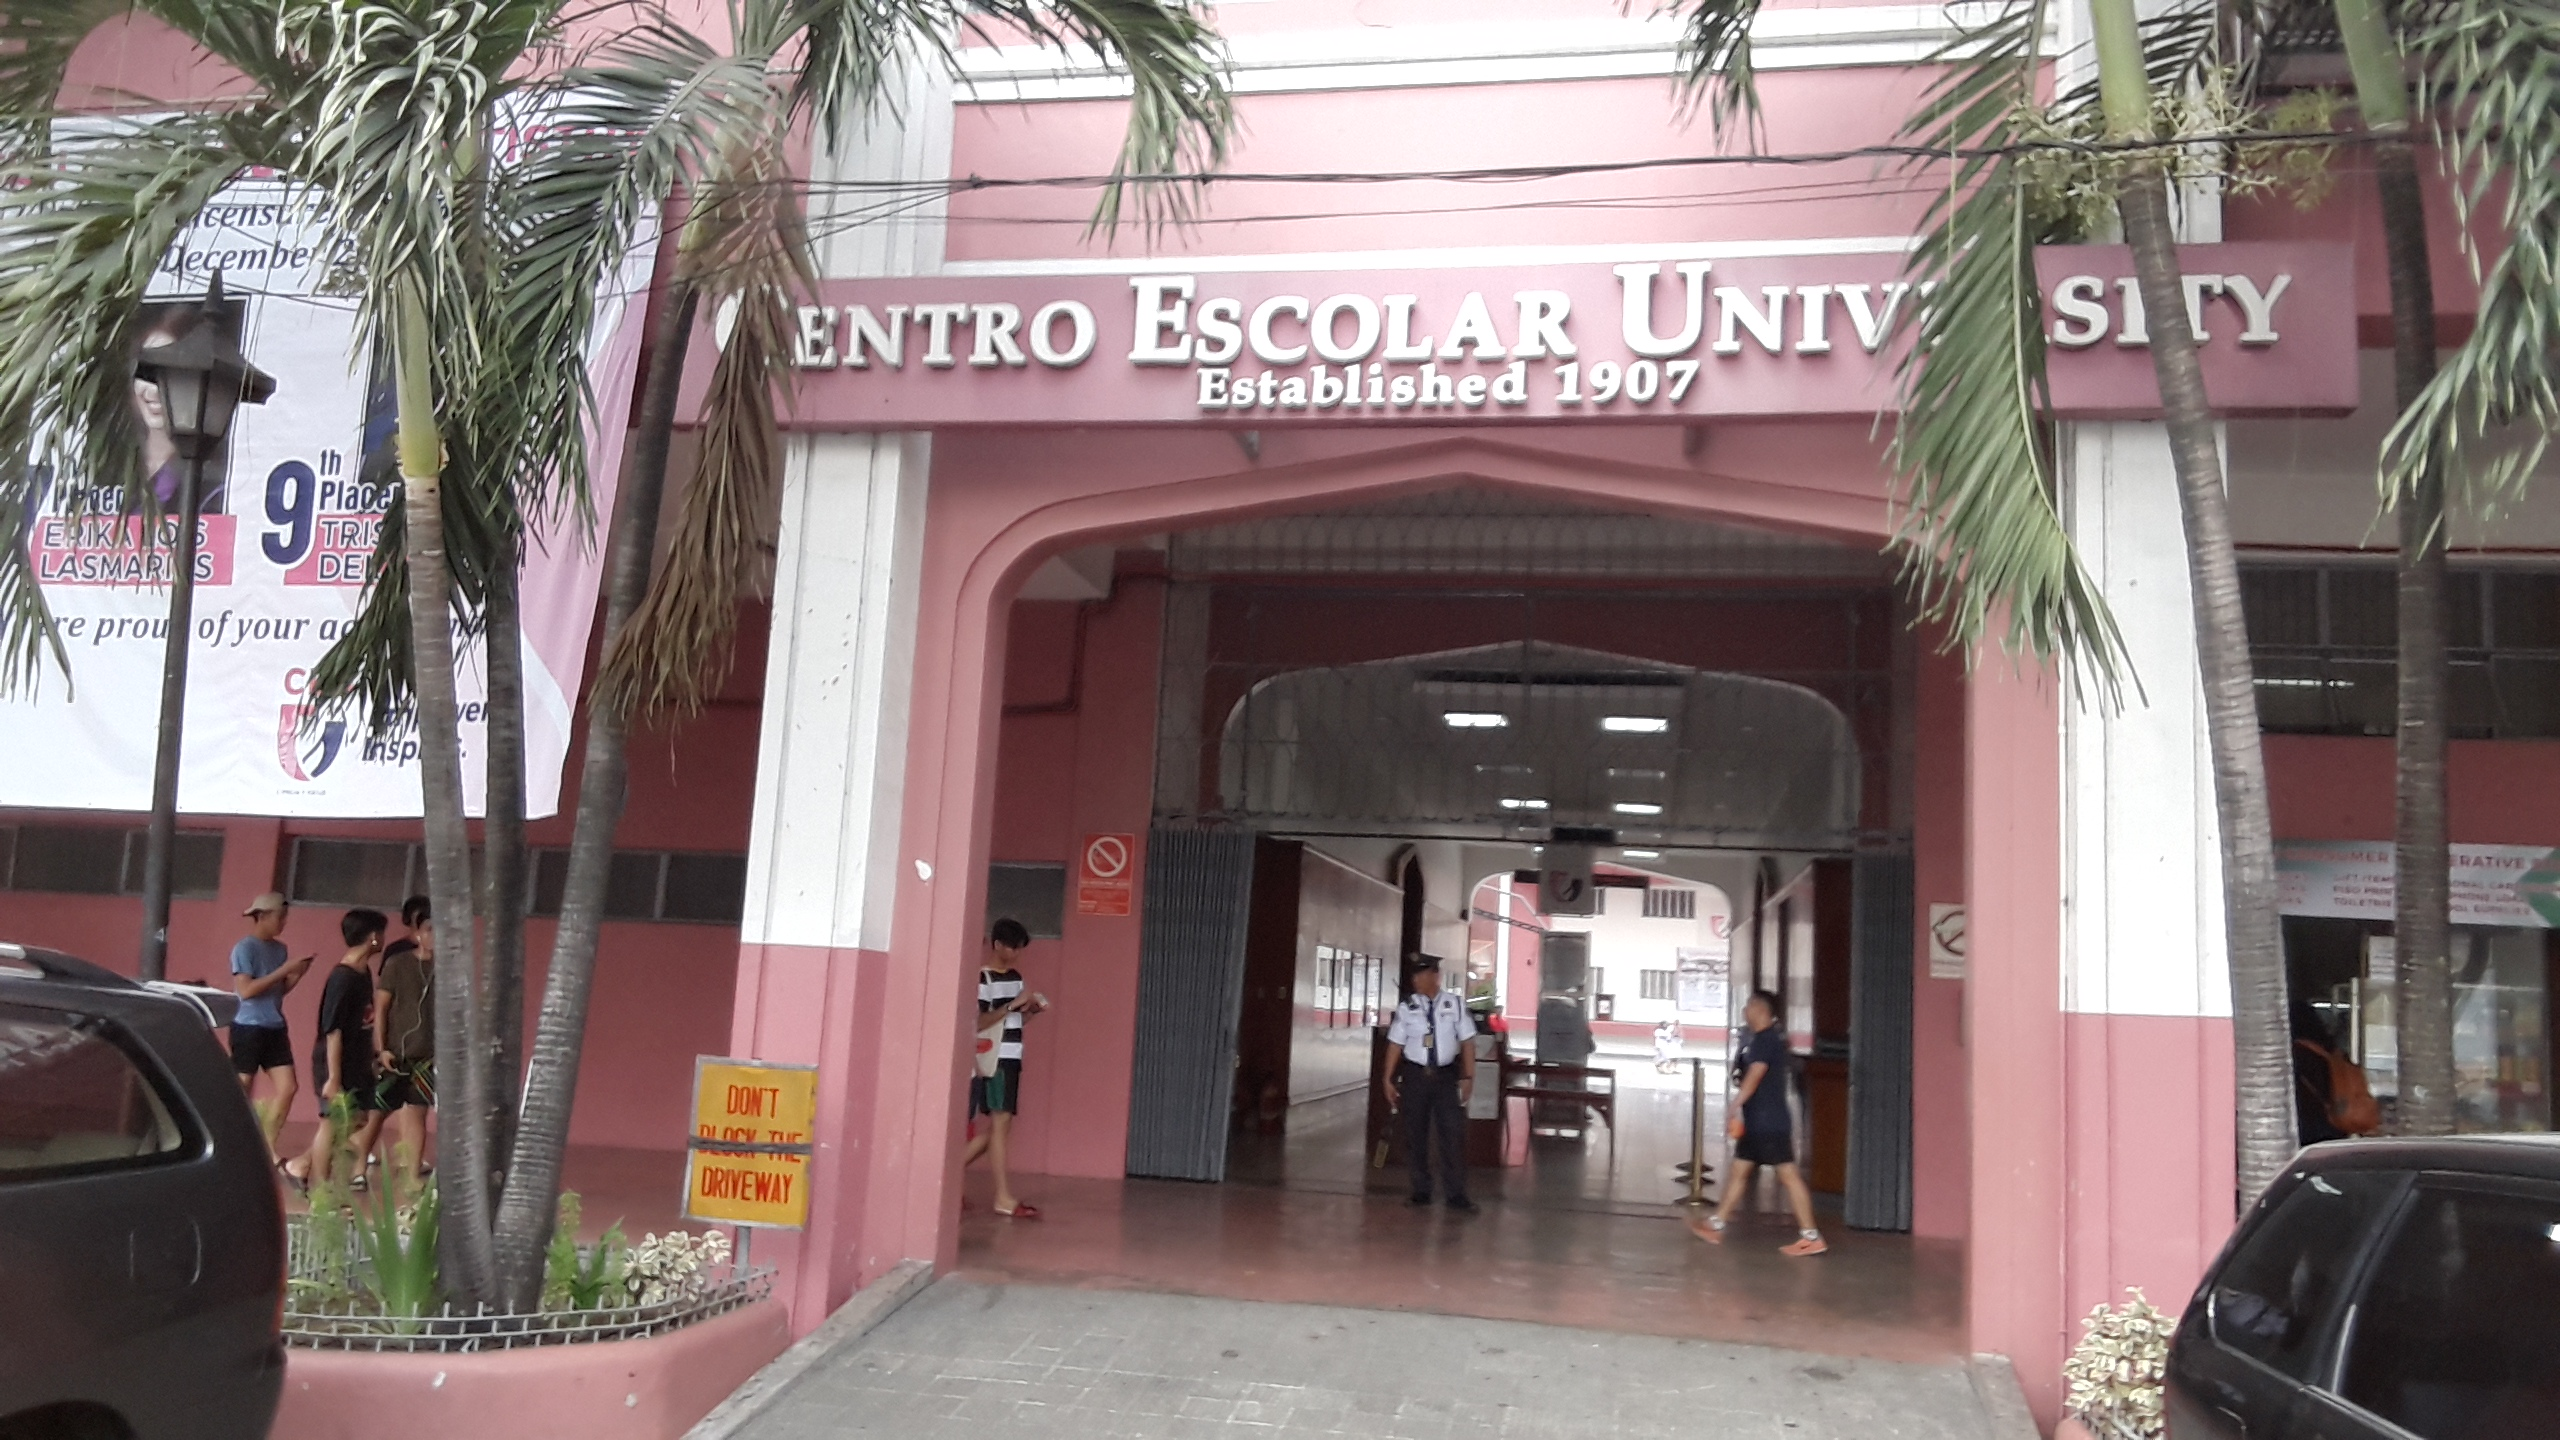 セントロエスカラー大学(Centro Escolar University )の入口